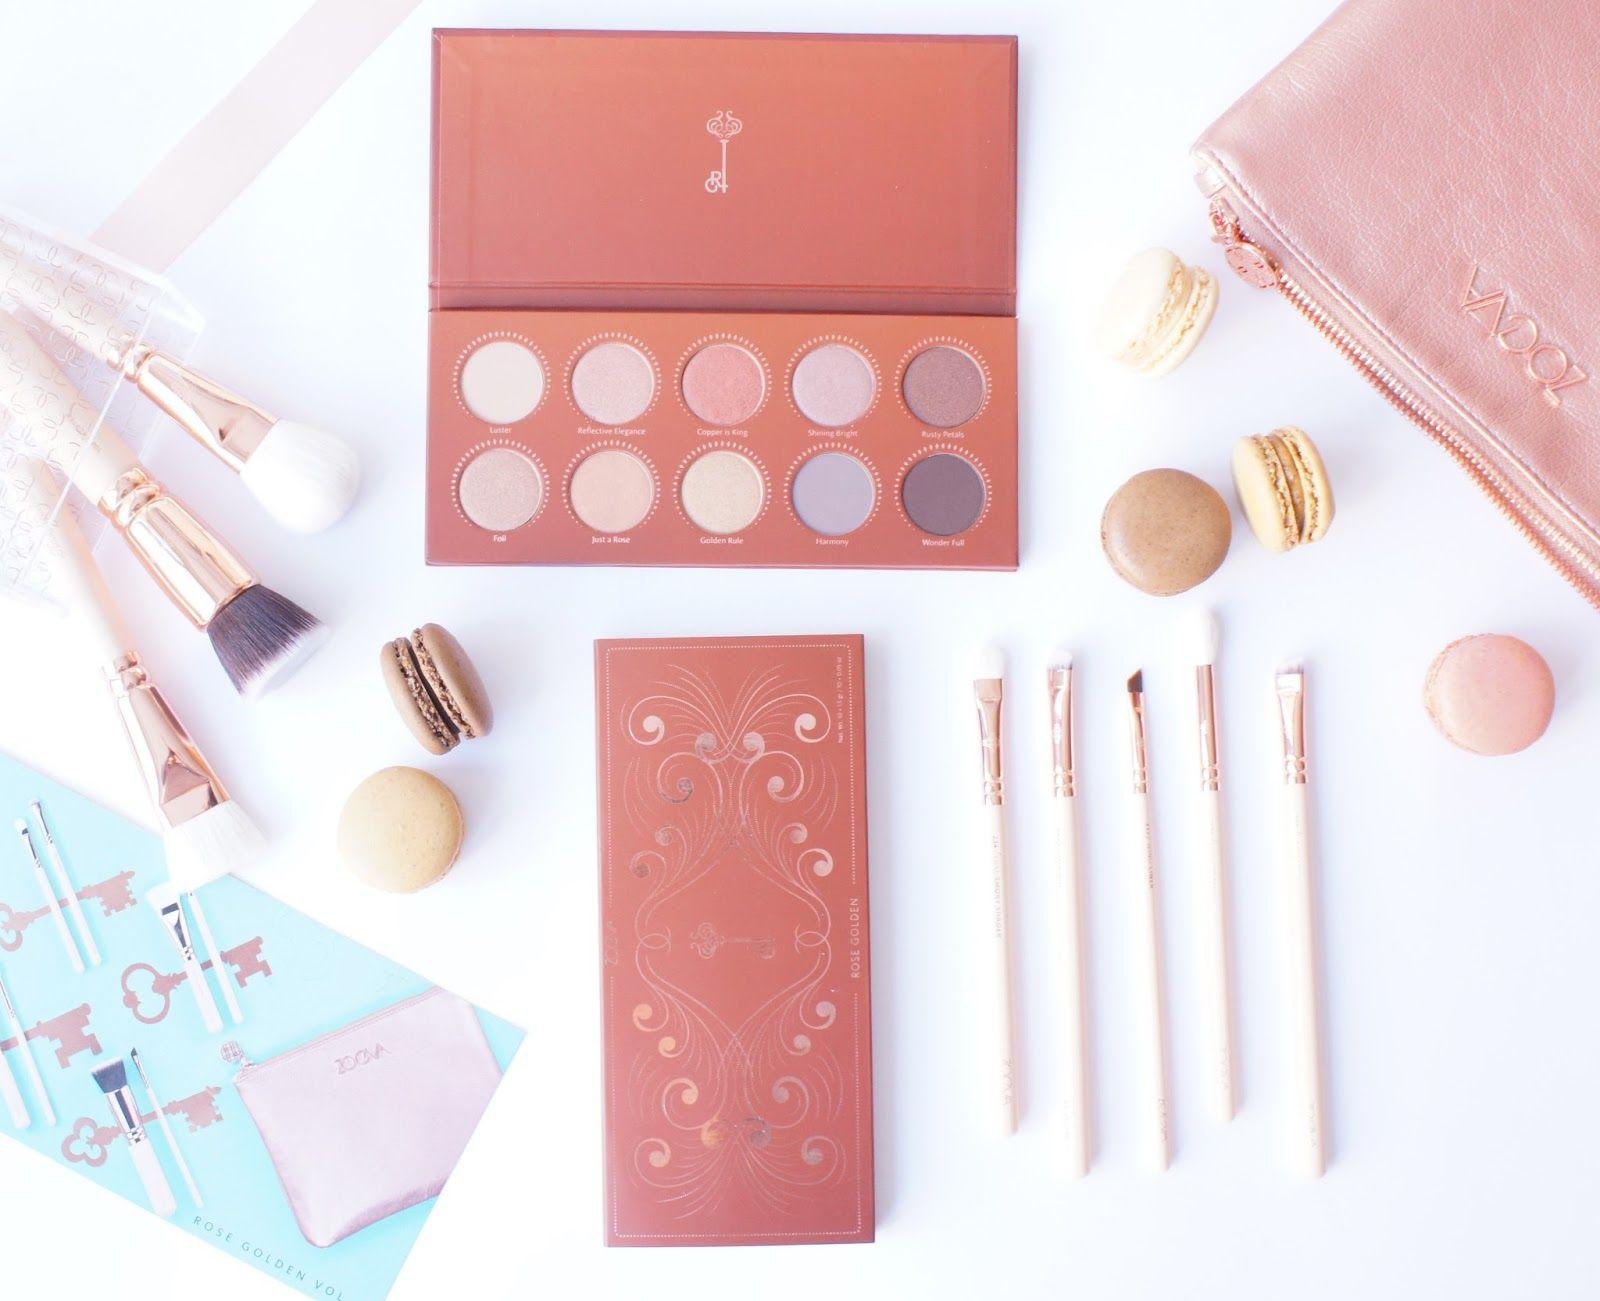 Ajda Sitar Beauty items